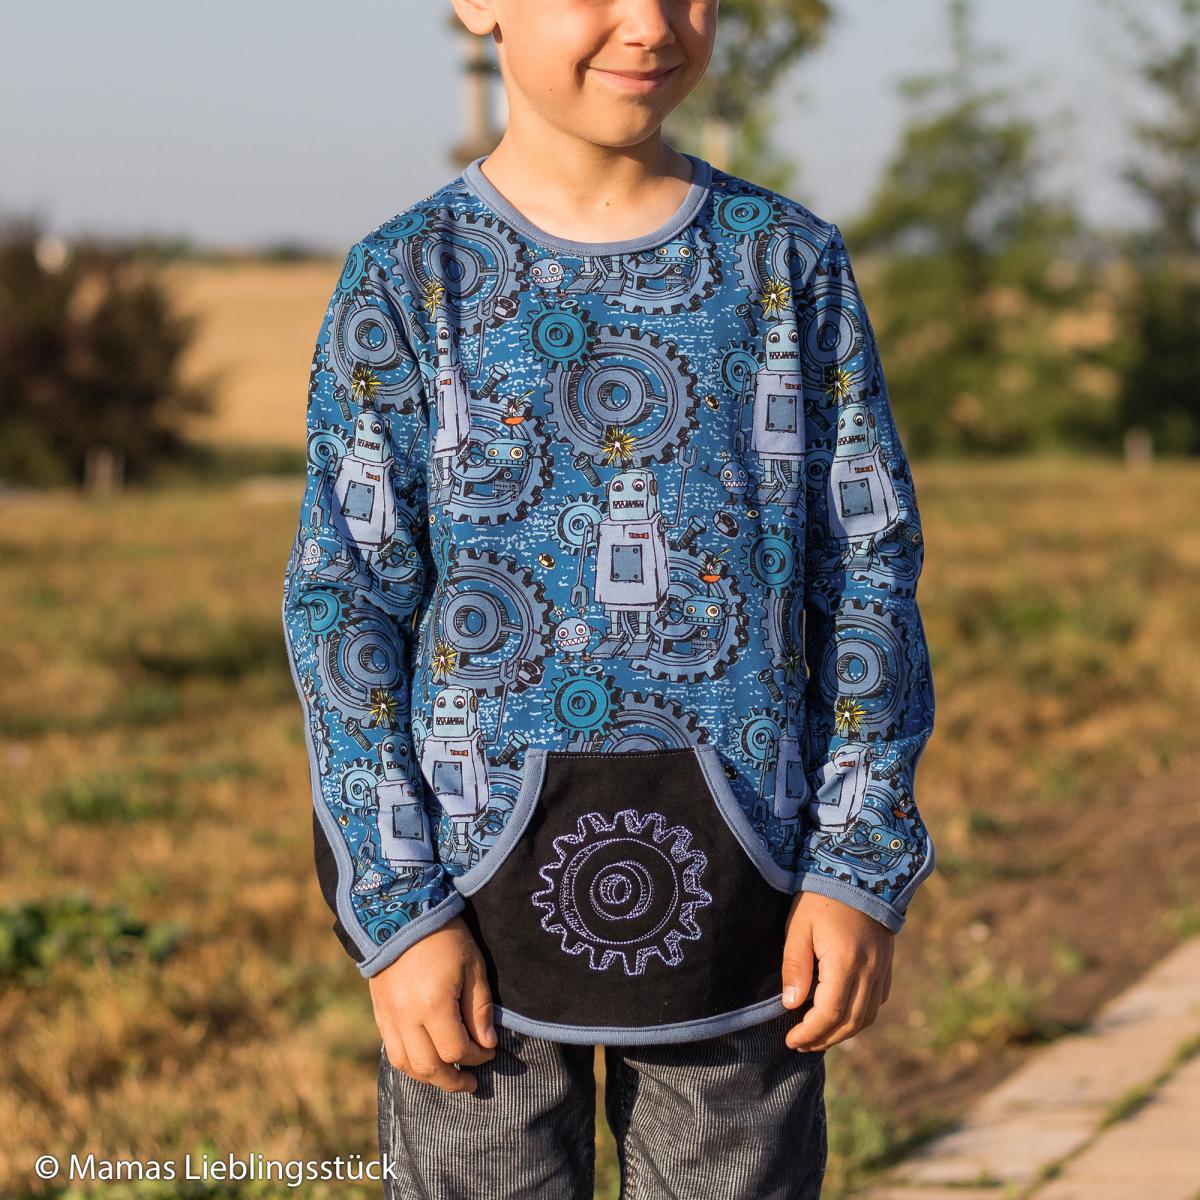 Mamas Lieblingsstück: Shirt Geheimling / Allerleikind. Gr. 122. Kombiniert mit Maike in Fb. 299 und Heike in Fb. 259. Stickdatei: Happy Metal / Kunterbuntdesign